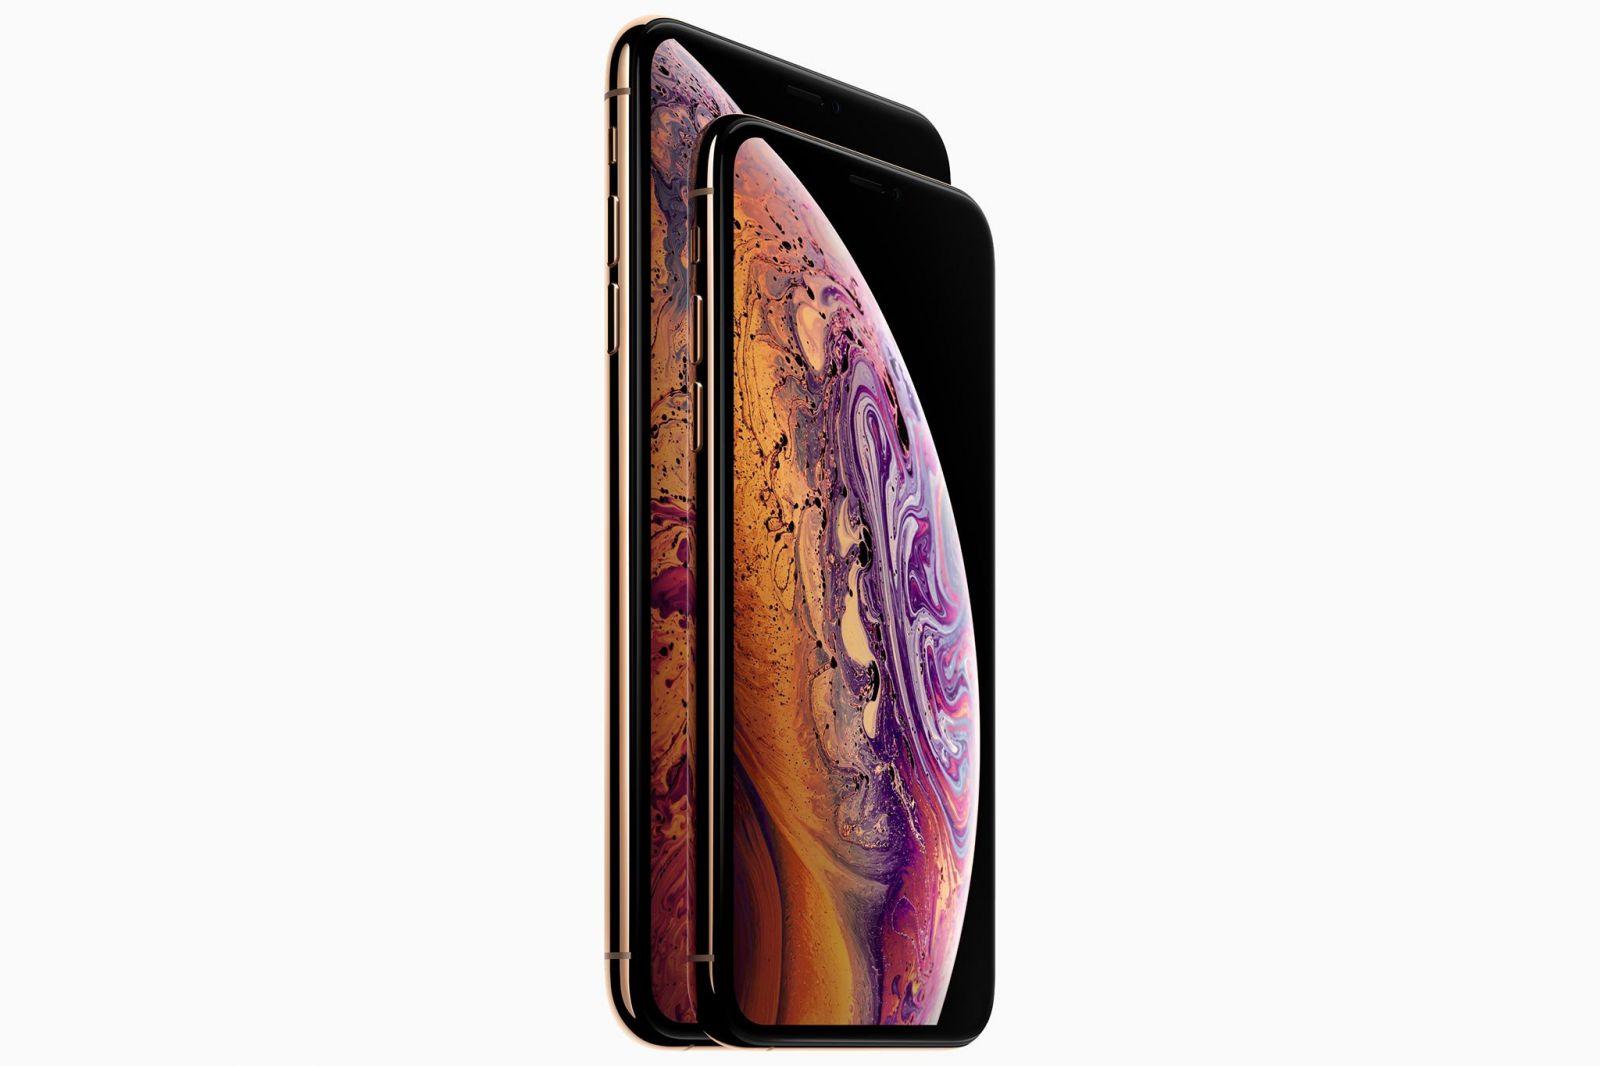 4423203 Apple iPhone Xs